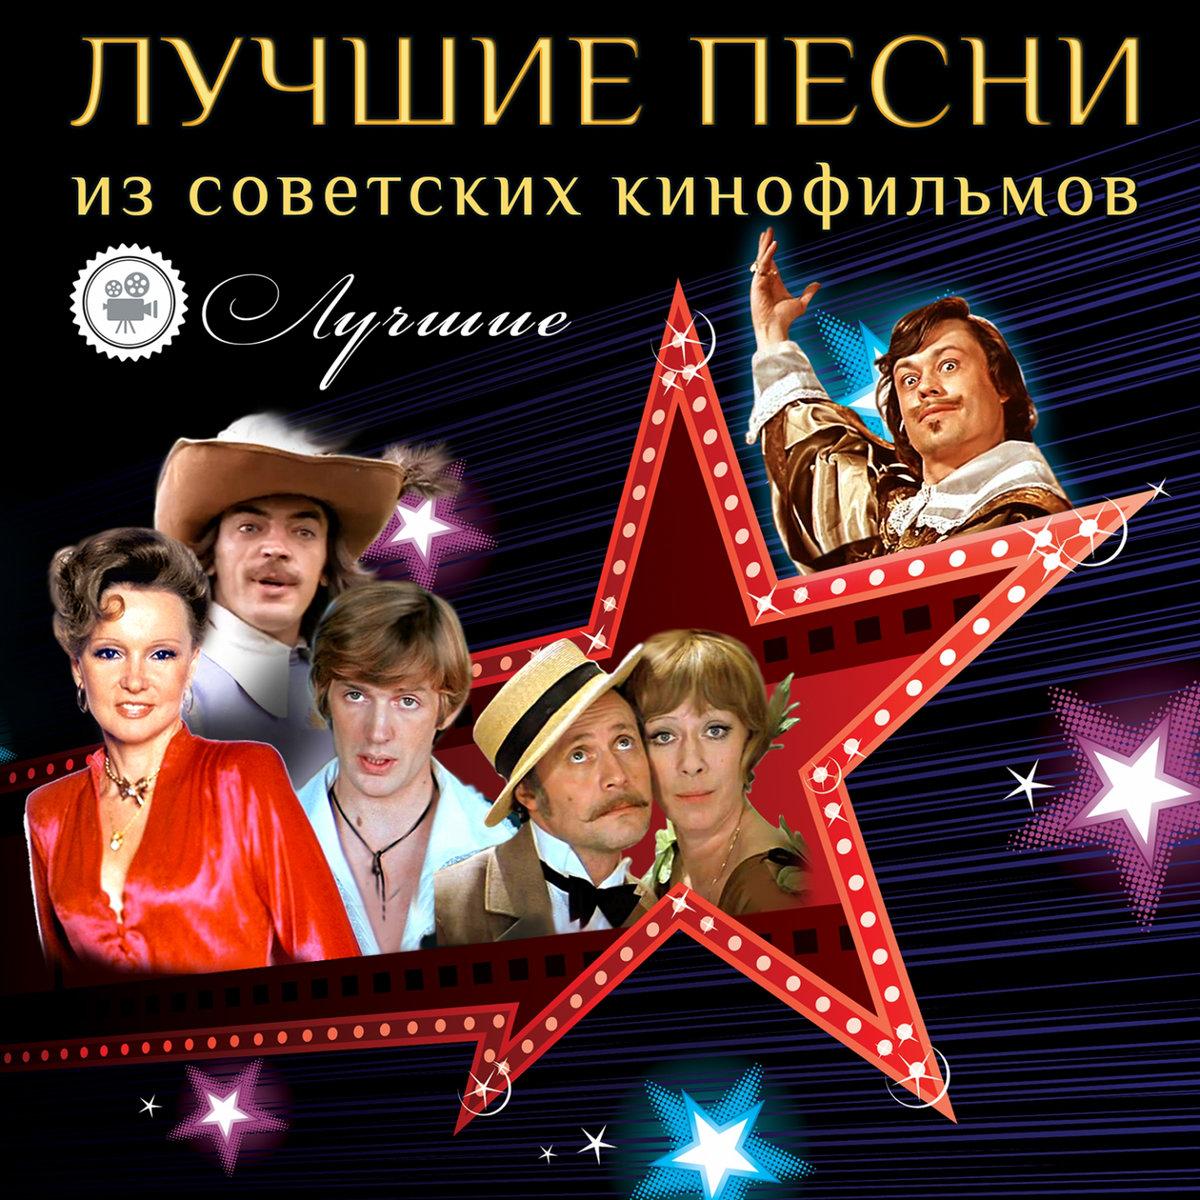 Скачать песни из советских мультфильмов mp3